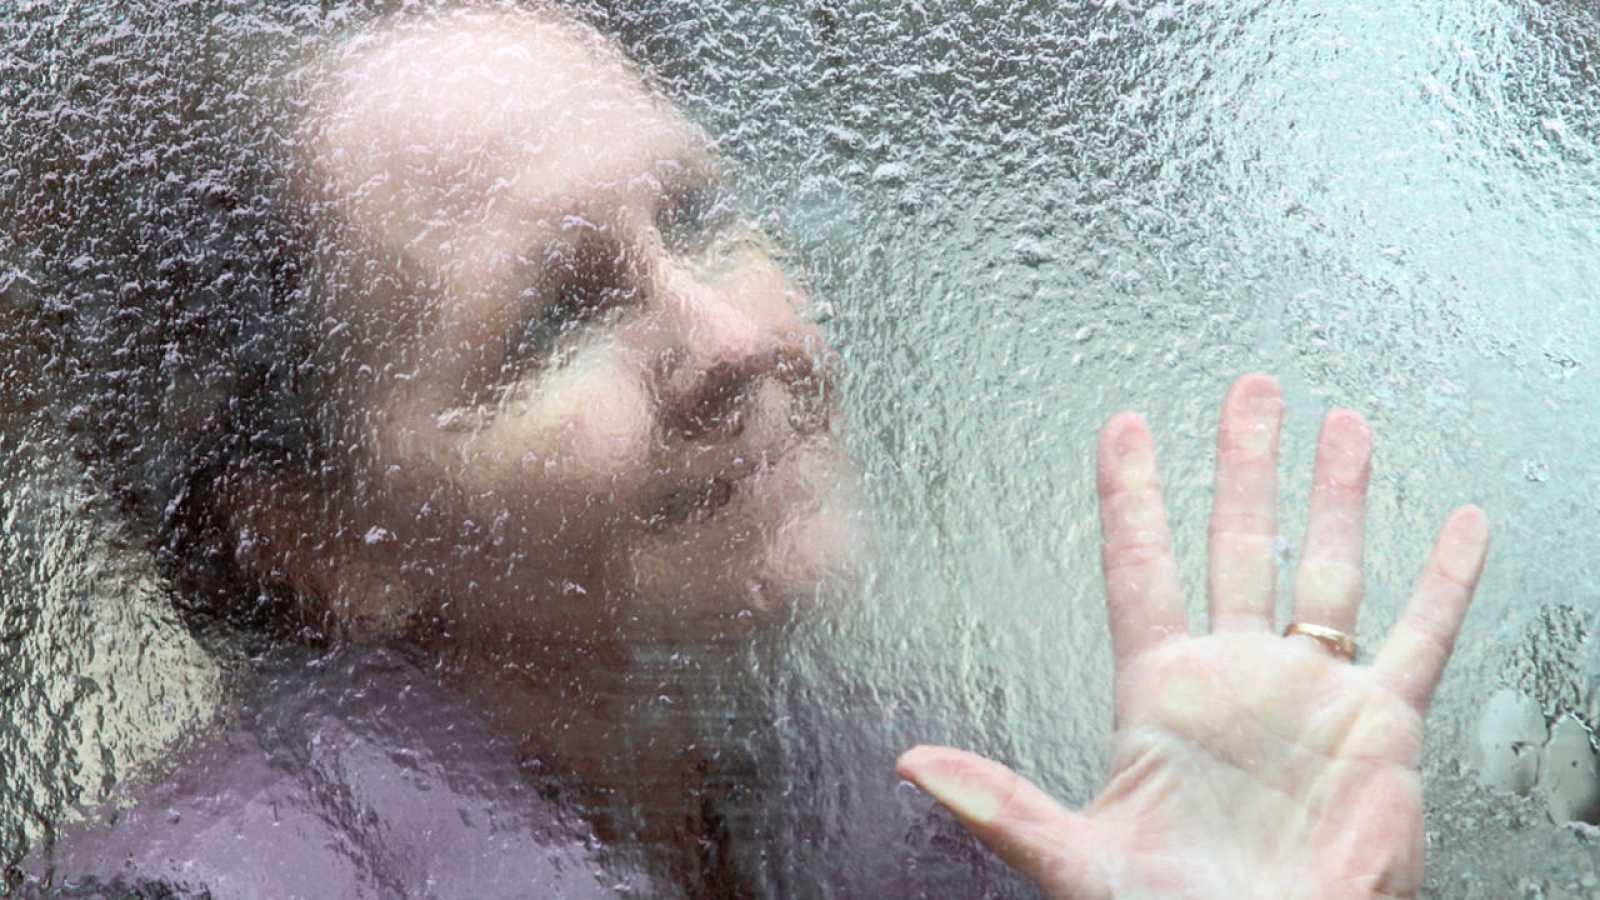 Esta investigación puede orientar acerca de posibles vías de intervención terapéutica para enfermedades mentales.